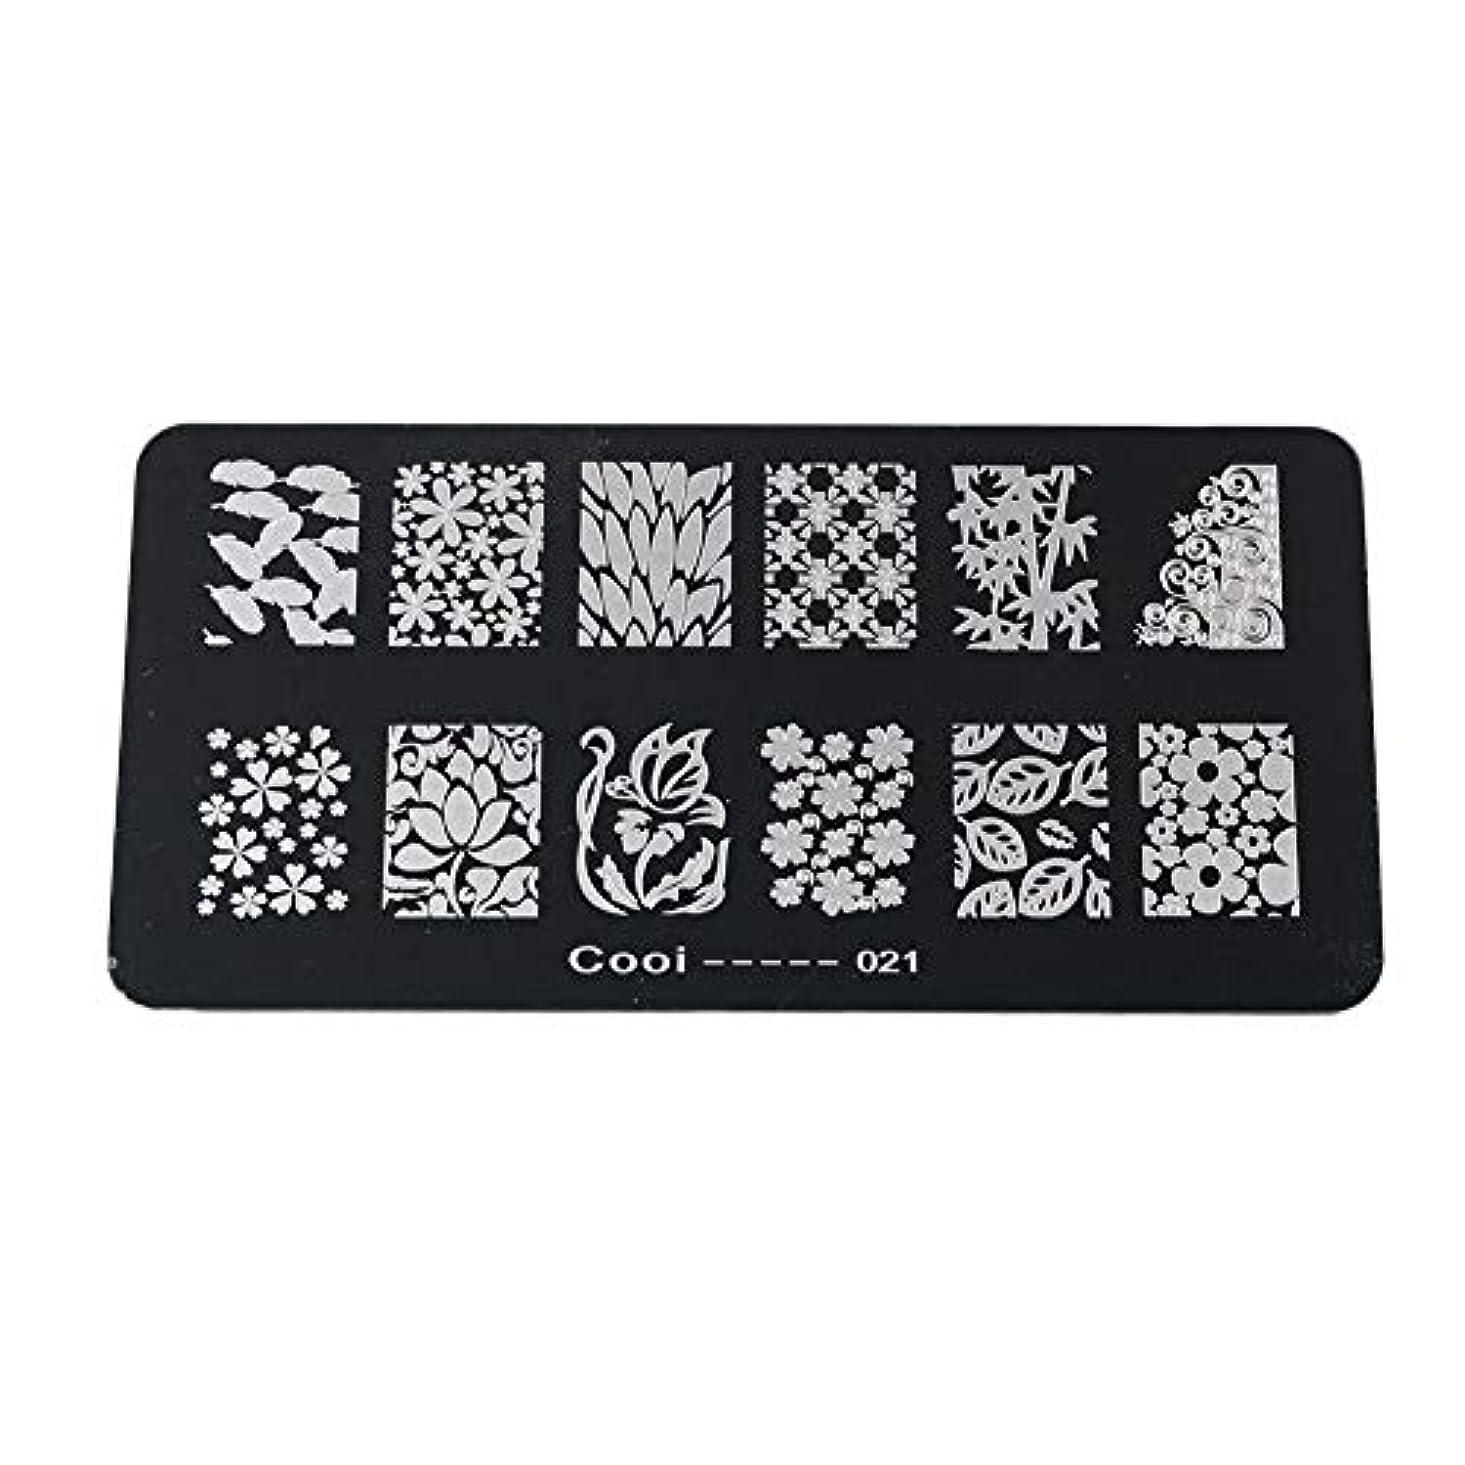 だますきしむカリング耐久性のあるステンレス鋼の長方形のネイルアートスタンピングプレート-DIYマニキュア印刷イメージテンプレート(05)